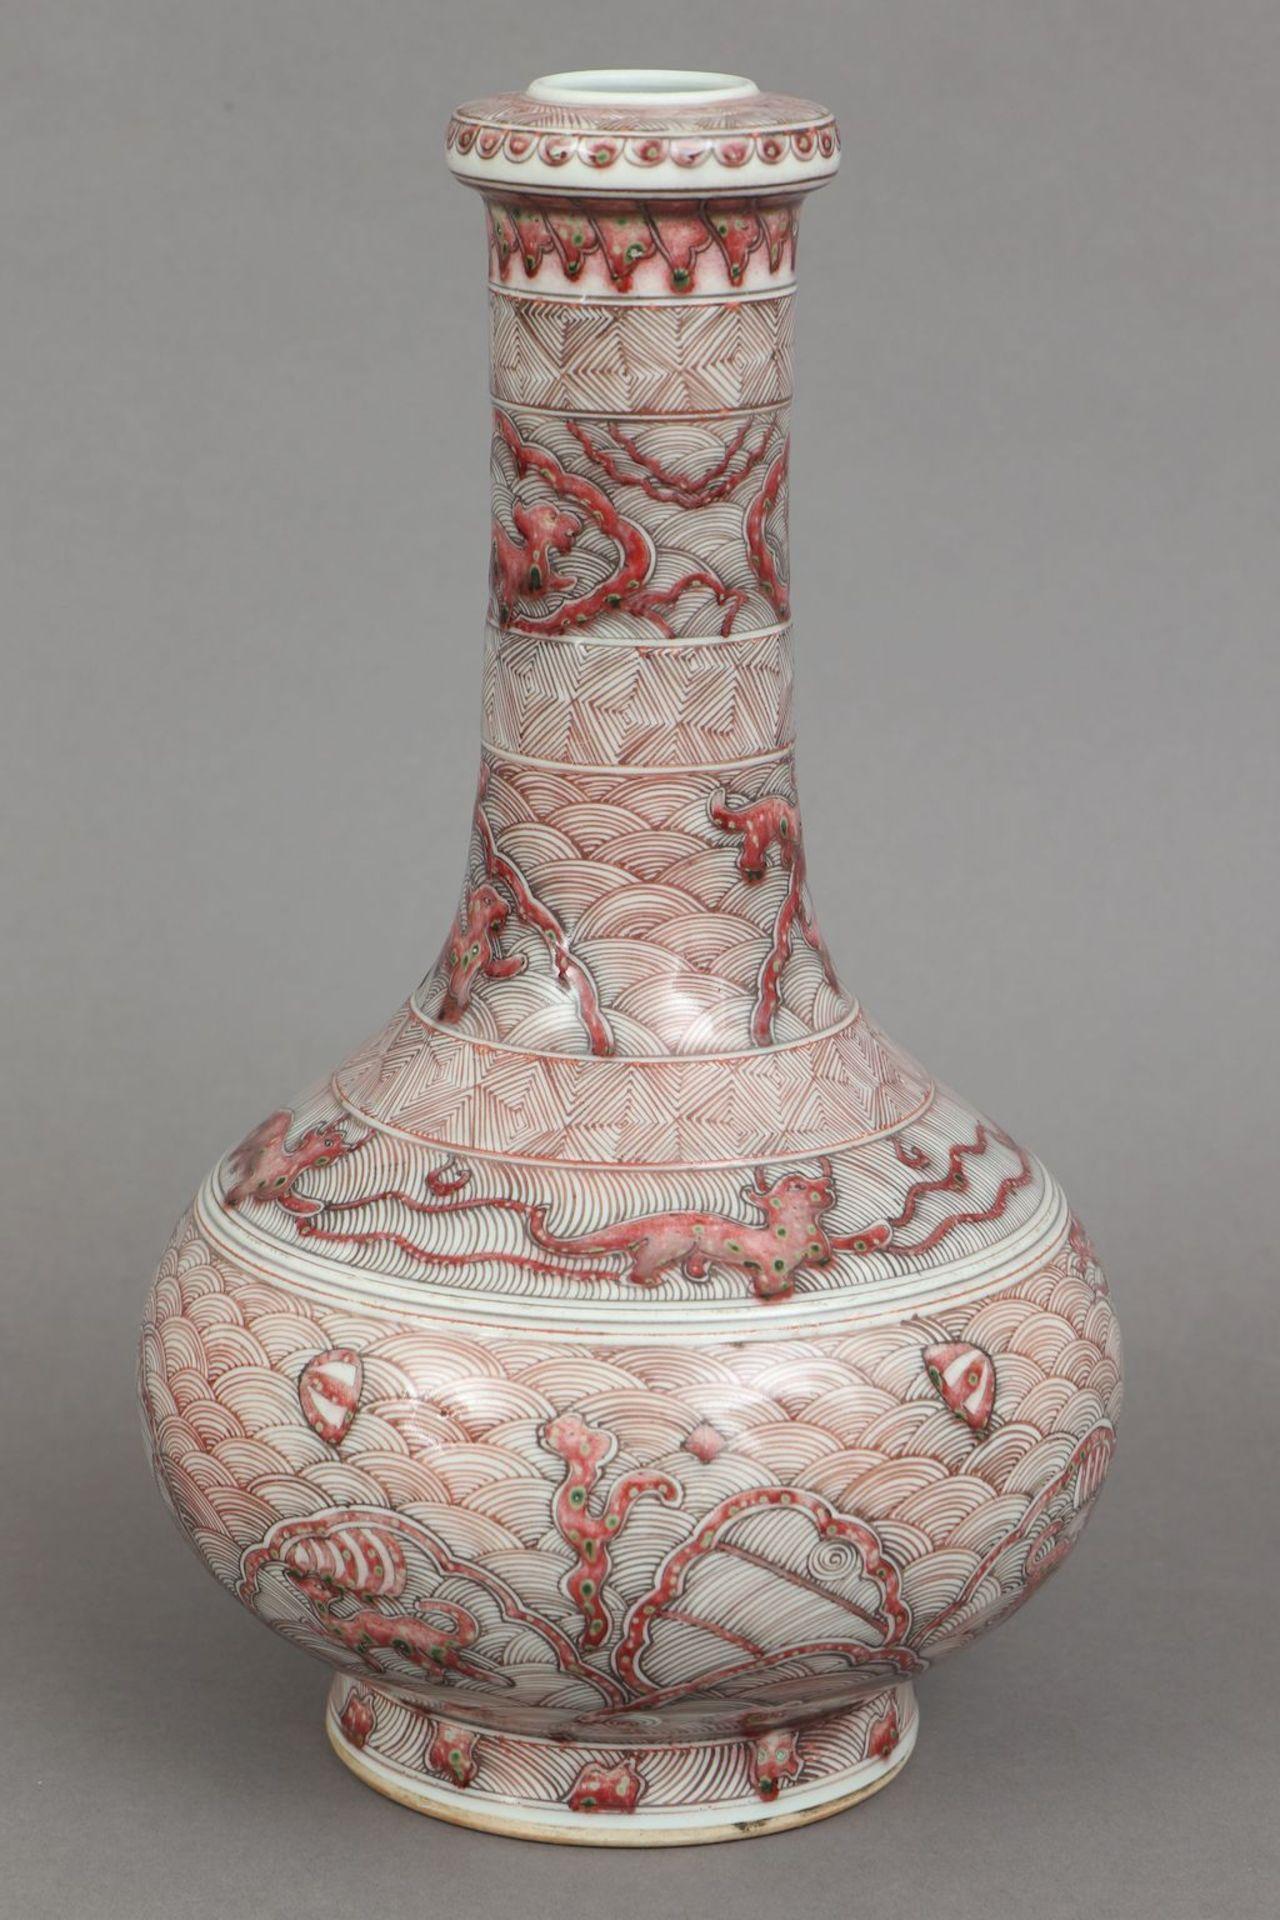 Chinesische Porzellanvase mit korallenrotem Drachendekor - Image 2 of 5